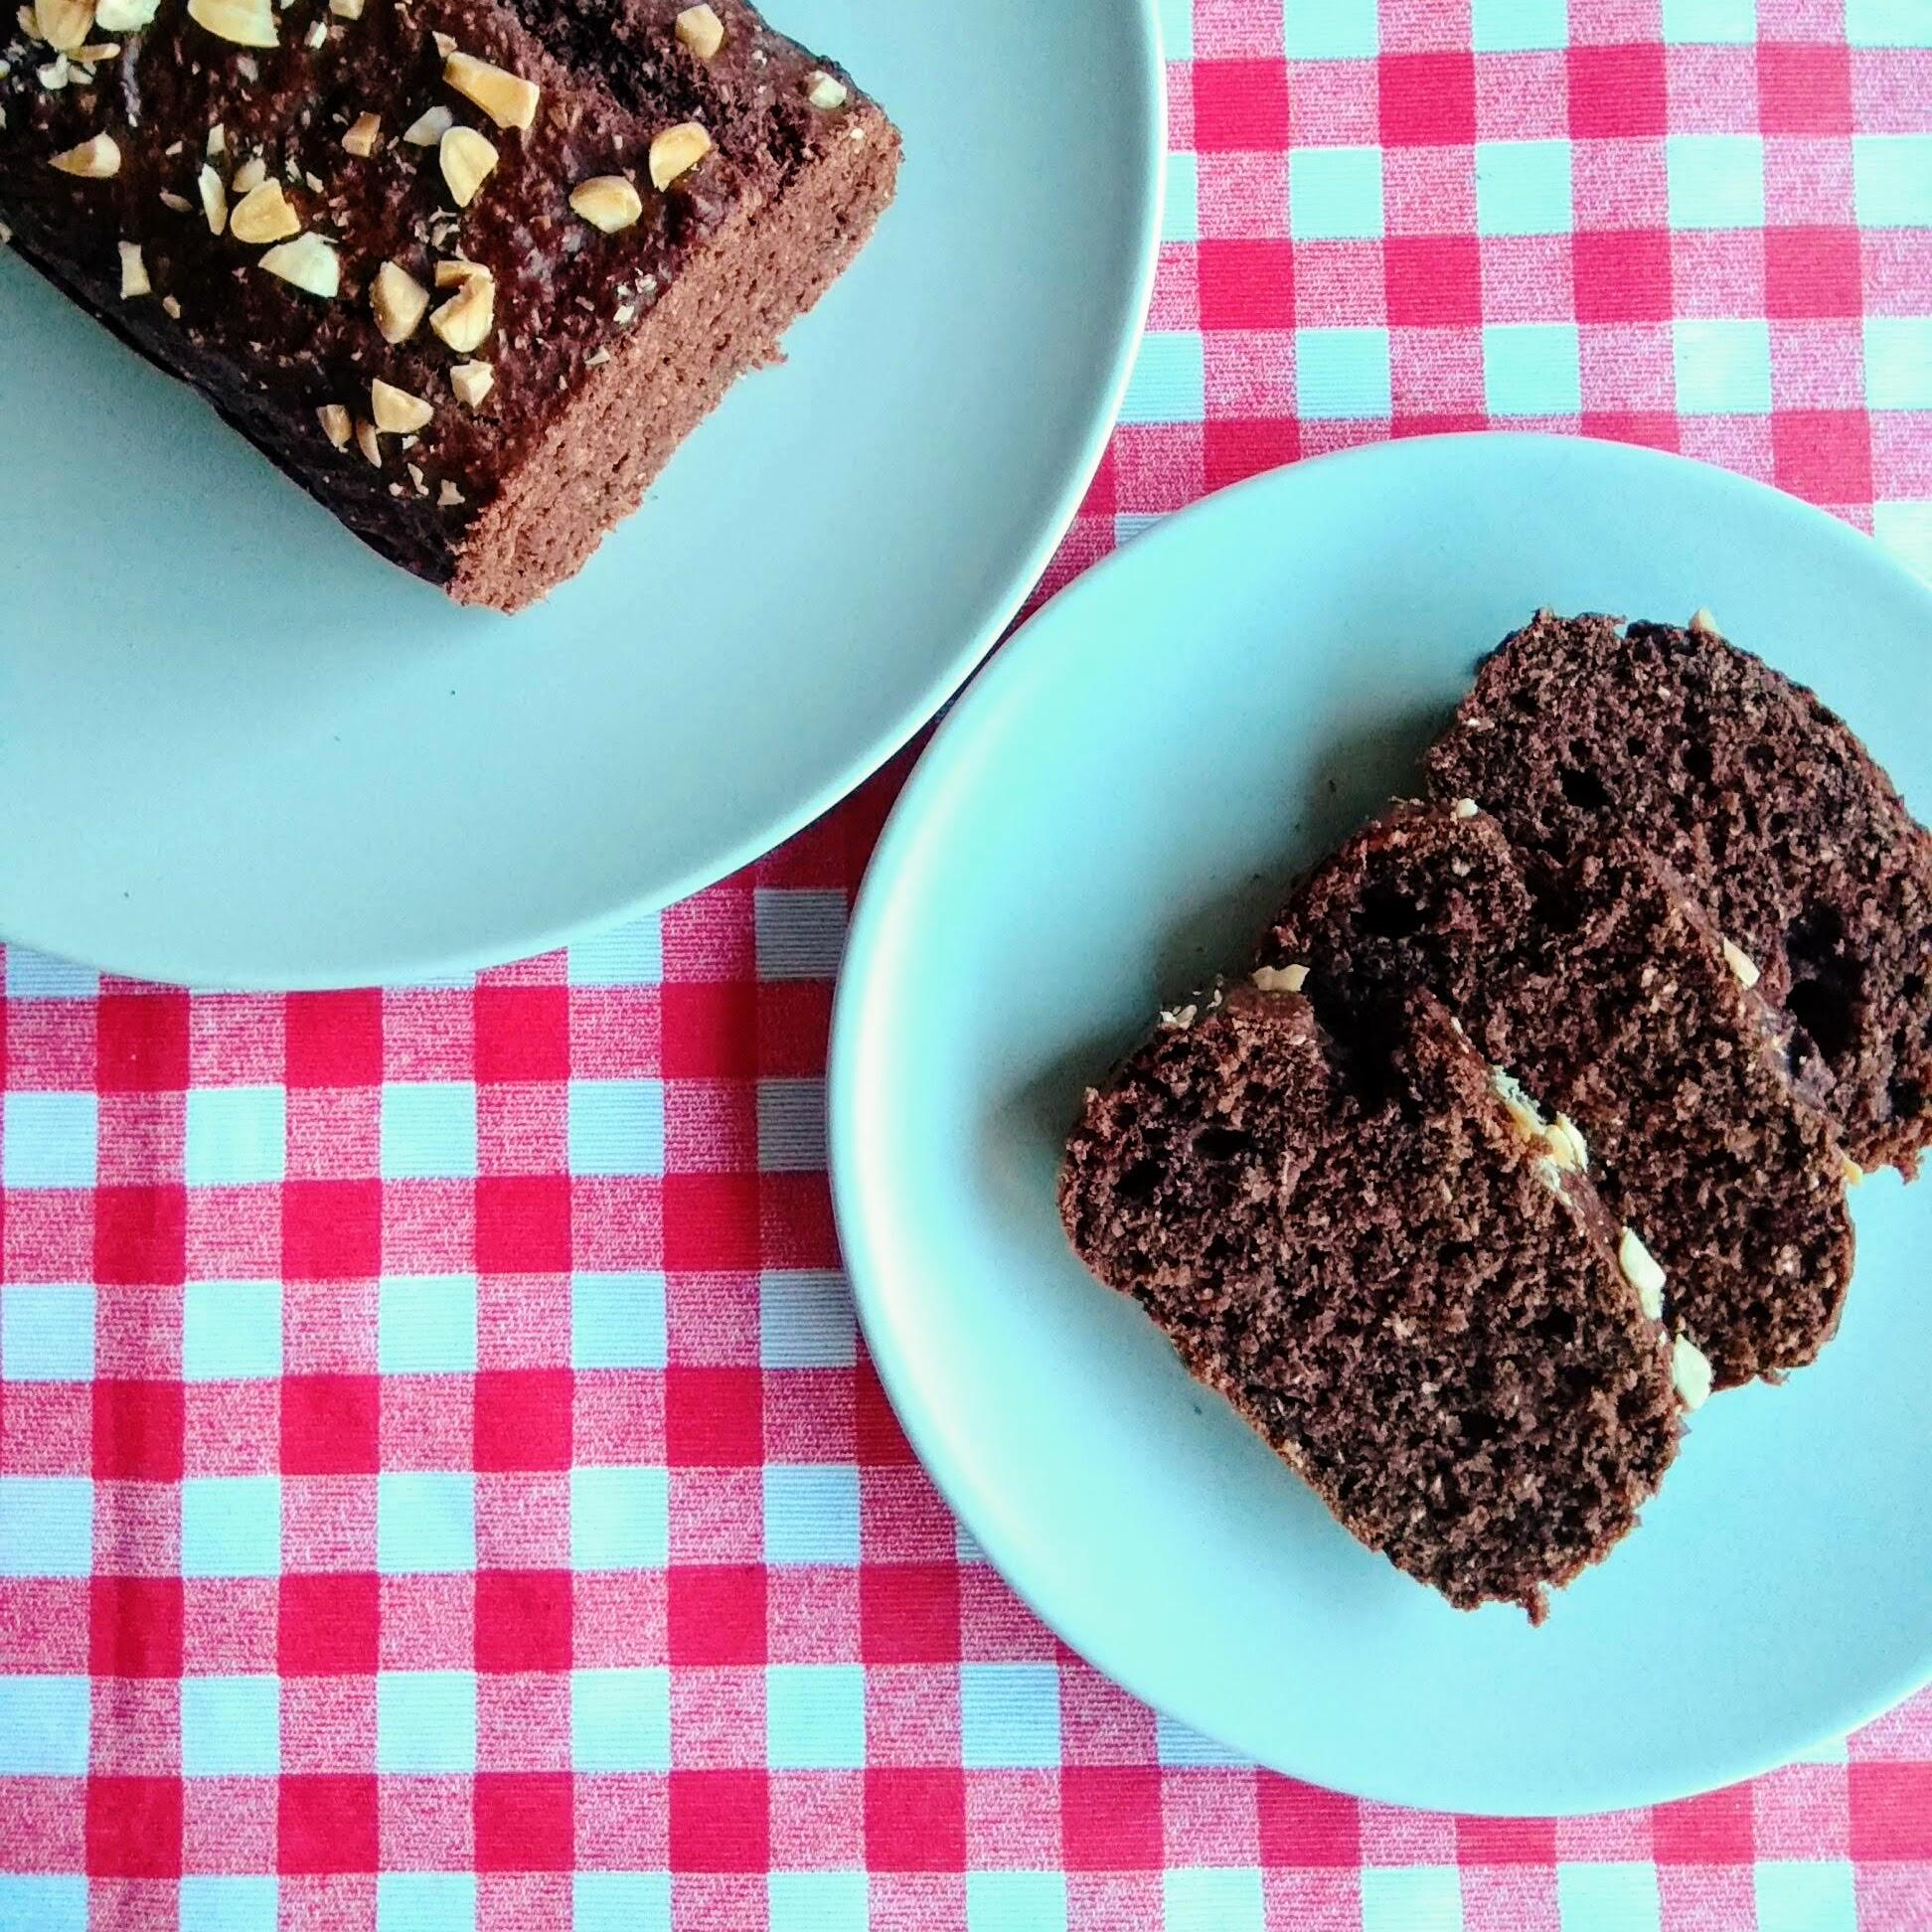 Receta de Bizcocho de plátano y chocolate. Descúbrela en: www.cocinandoconlola.com